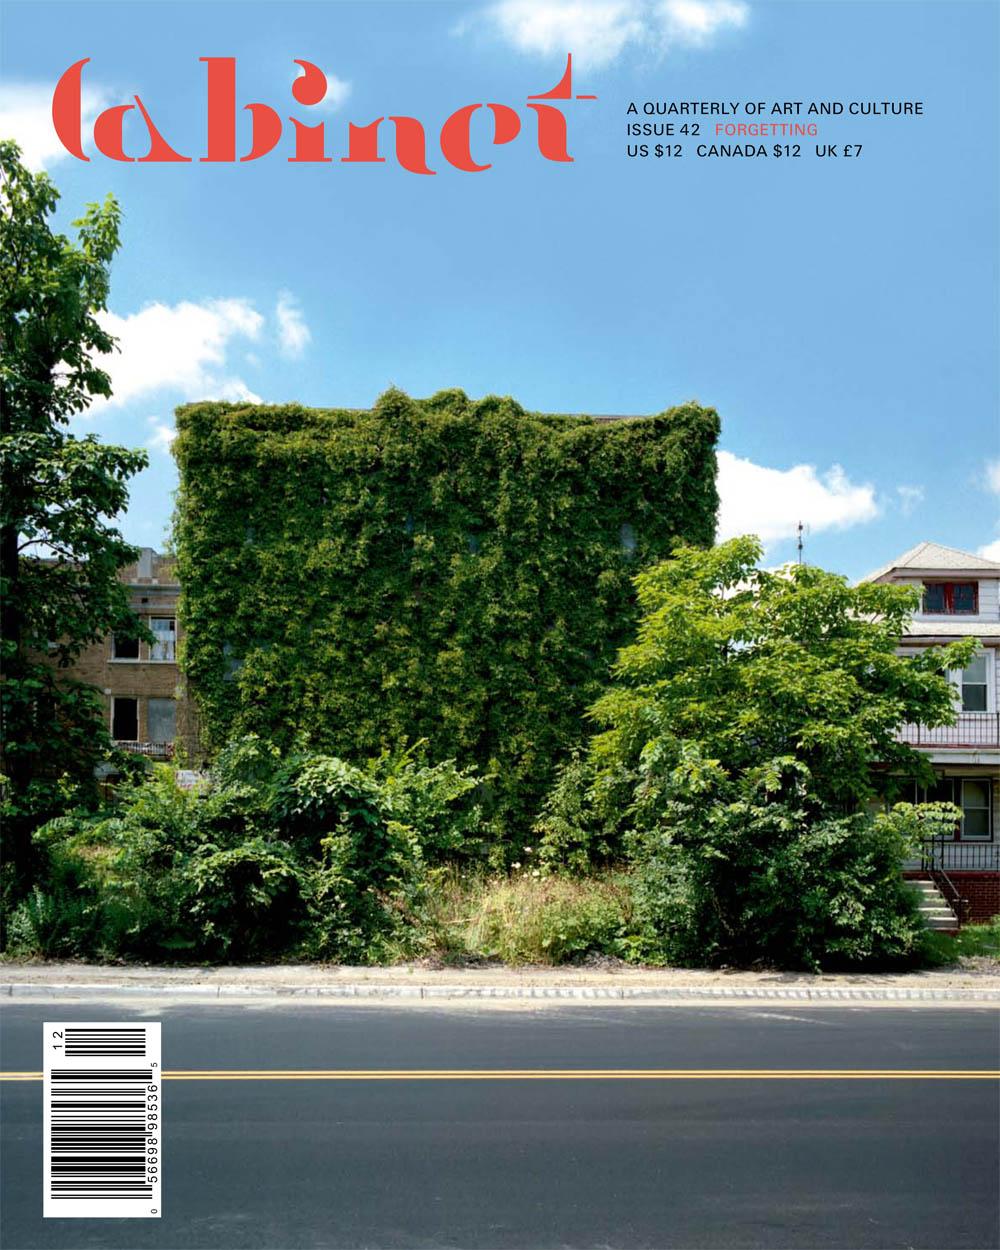 Cabinet Magazine #42 Cover